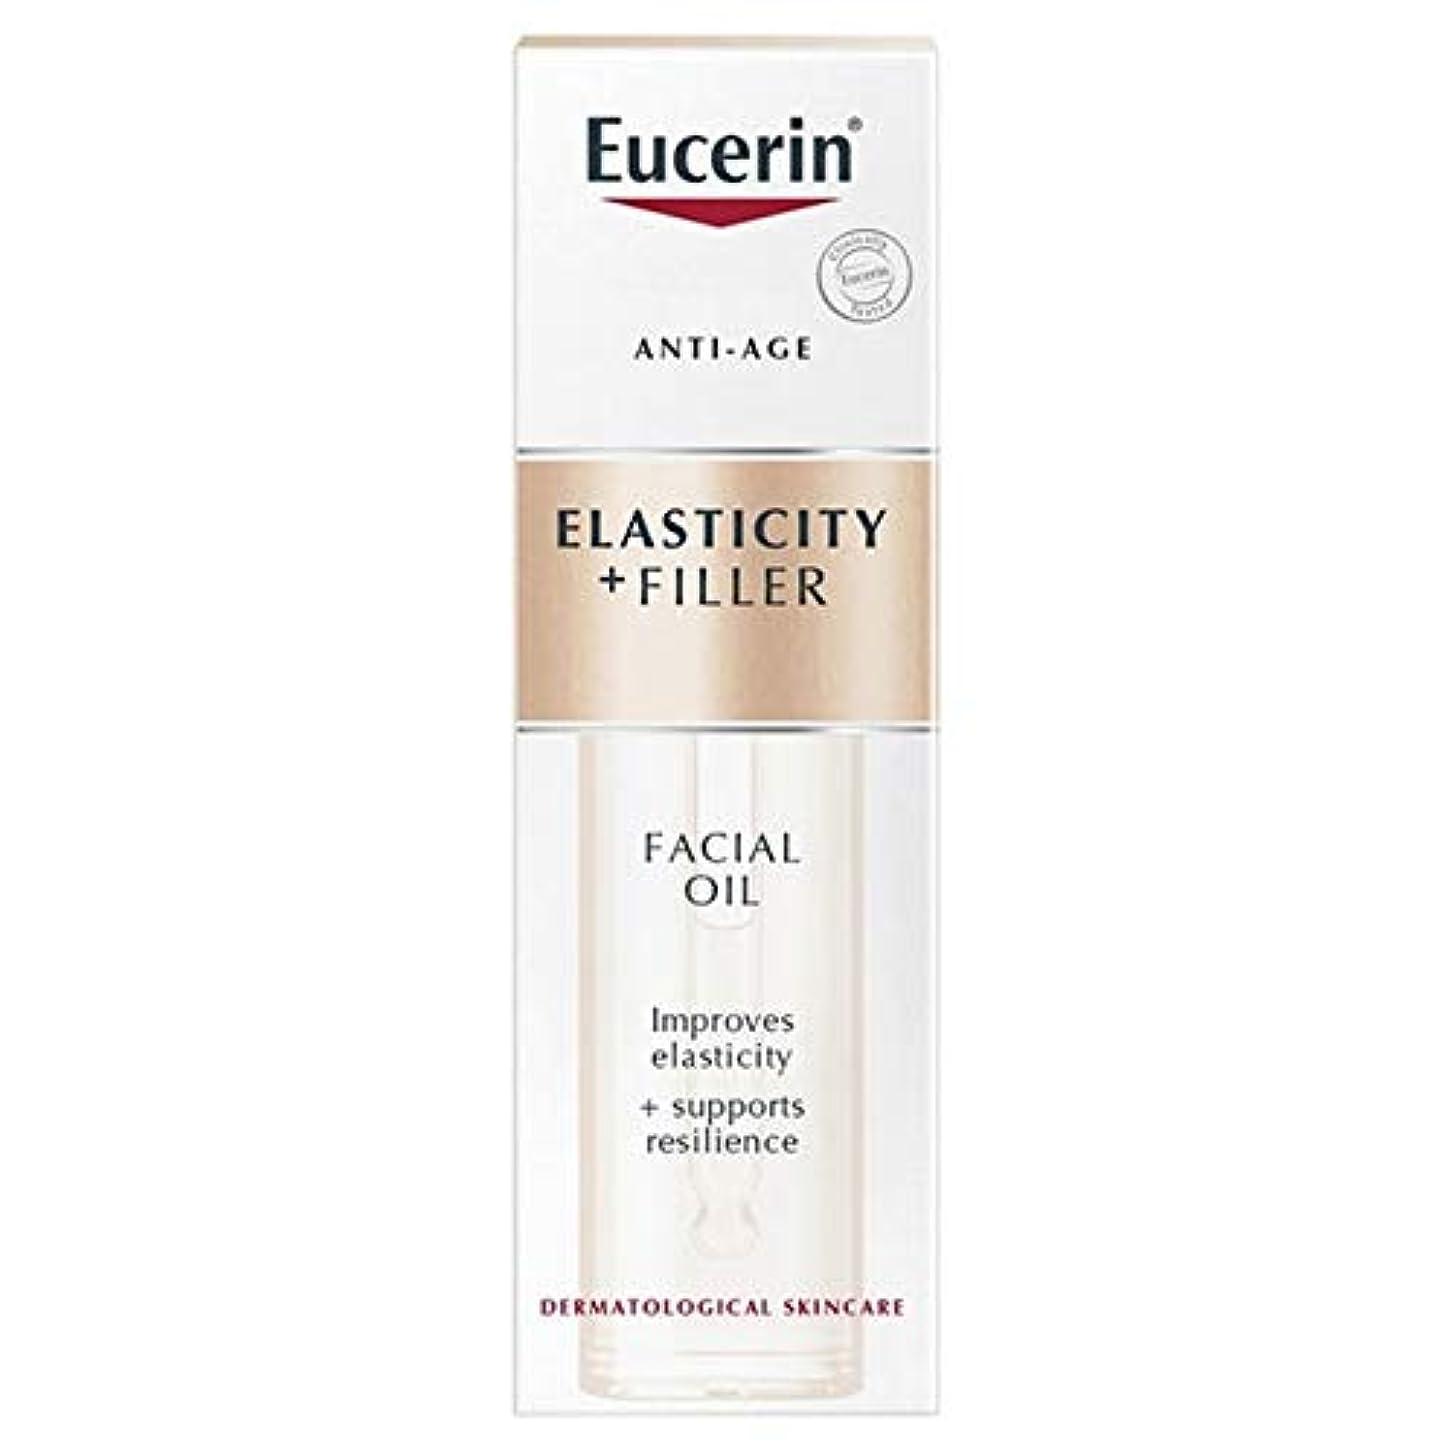 アナウンサー悪のコミット[Eucerin ] ユーセリン抗年齢の弾力+フィラーフェイシャルオイル30ミリリットル - Eucerin Anti-Age Elasticity + Filler Facial Oil 30ml [並行輸入品]